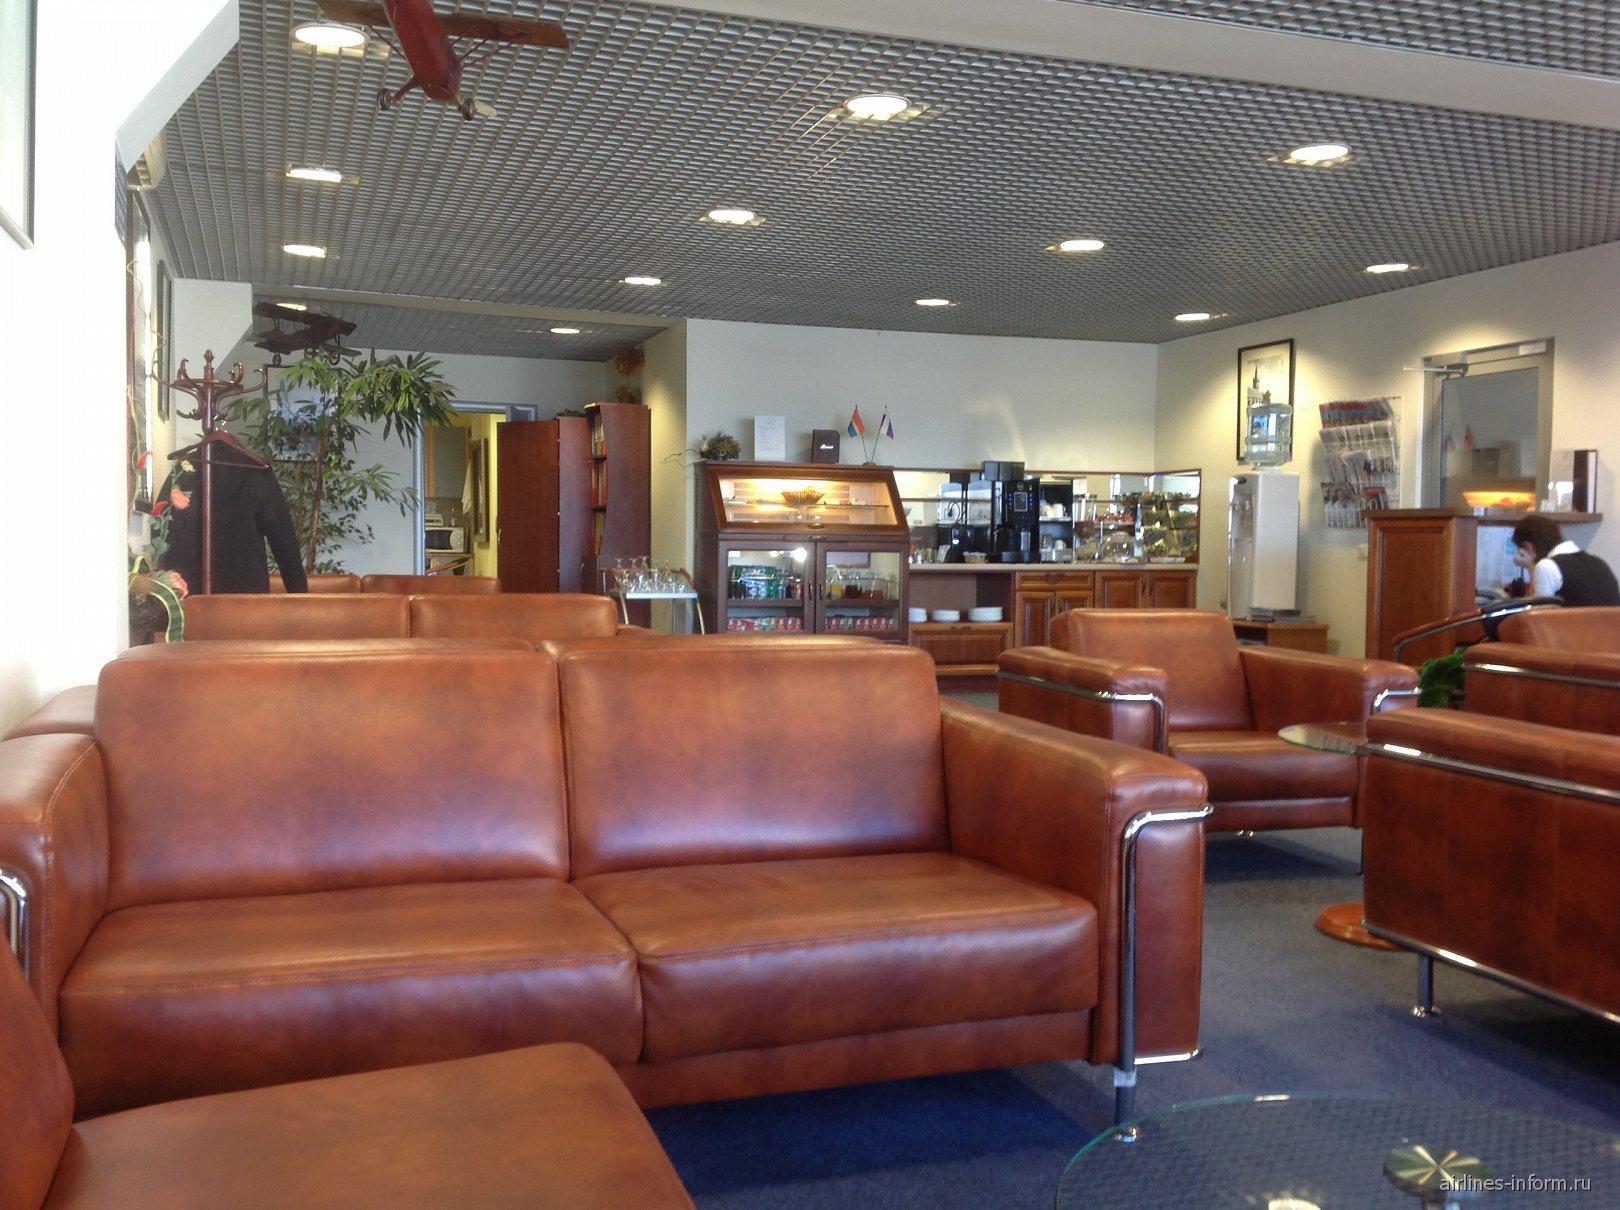 Бизнес-зал аэропорта Храброво в Калининграде